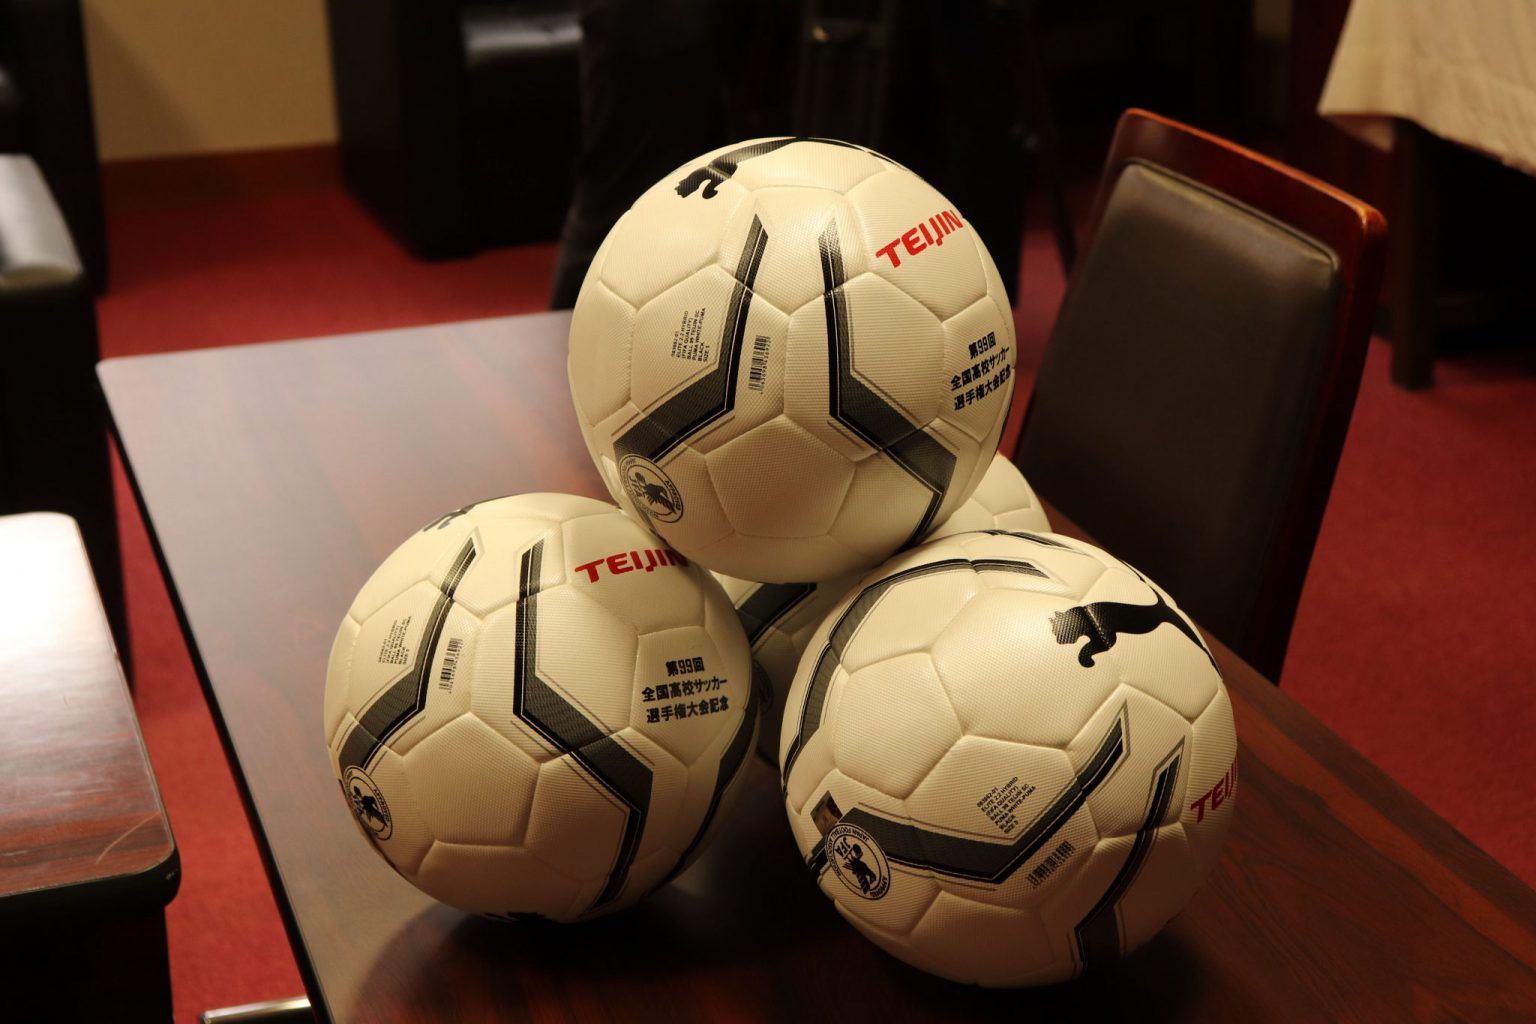 サッカー:ボール贈呈式[テイジン株式会社様]